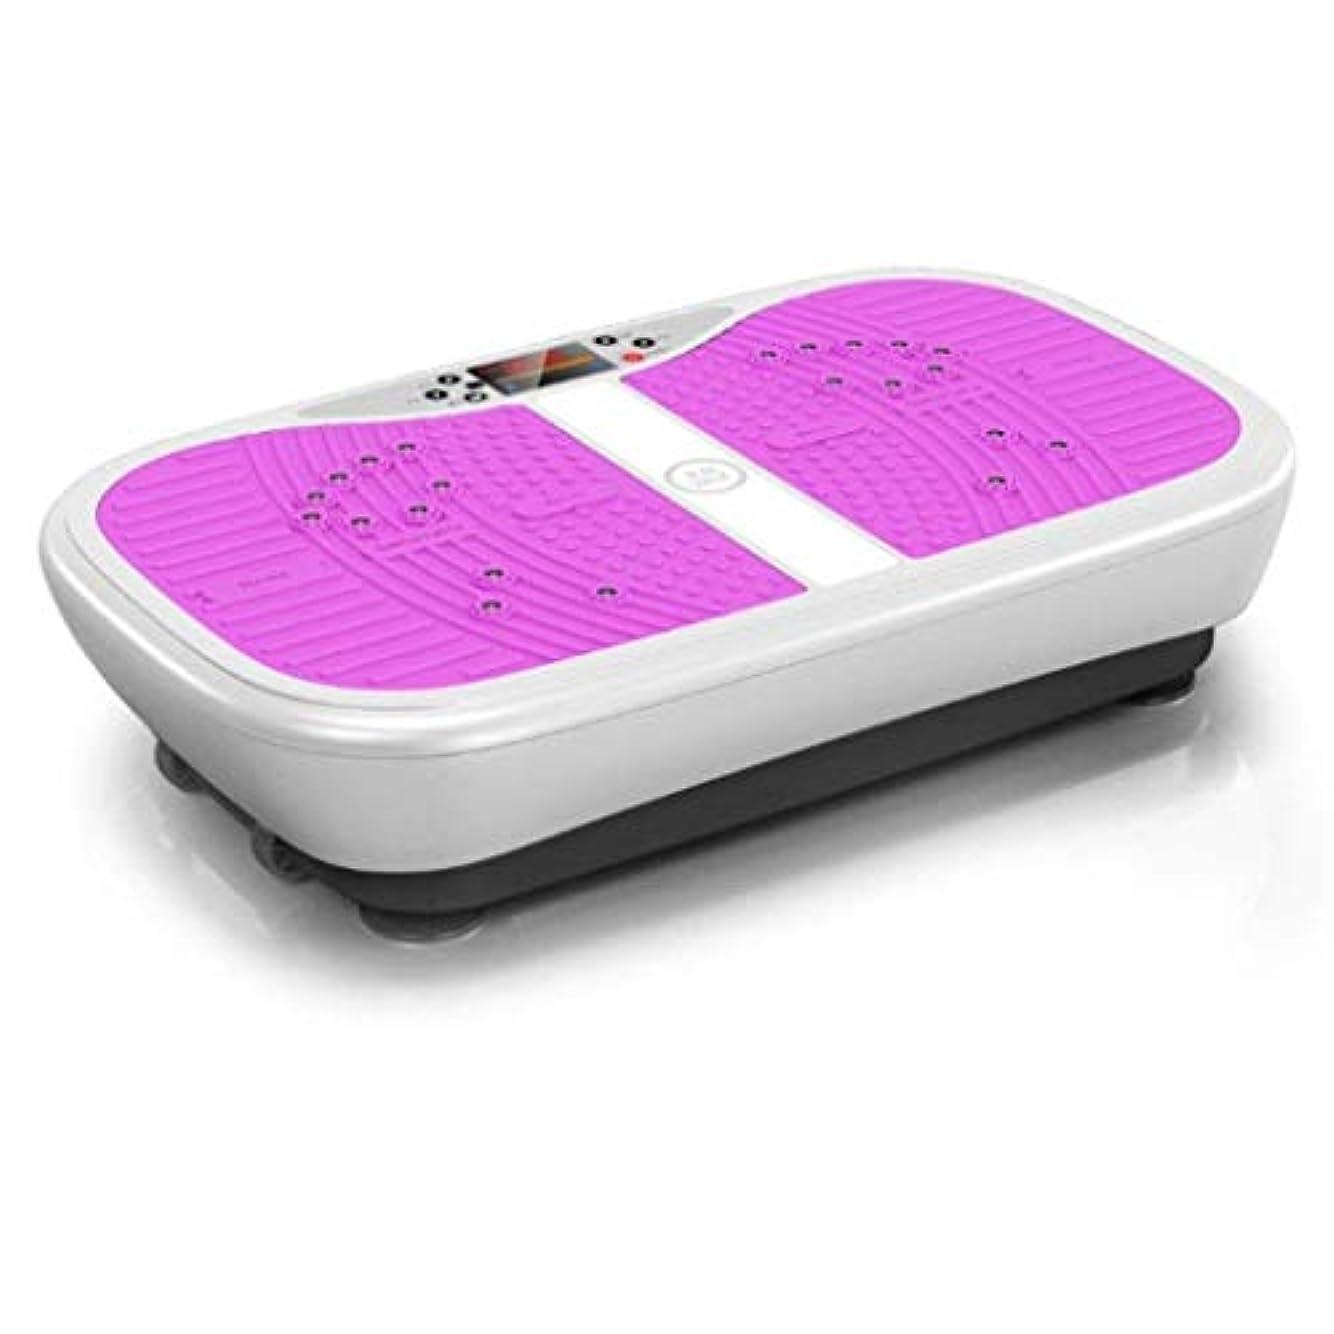 名前ぼかし質量減量マシン、モーション振動シェーピングボディフィットネスマシン、99レベルの速度と抵抗バンド、家族向け、ユニセックスバイブレーショントレーナー (Color : 紫の)